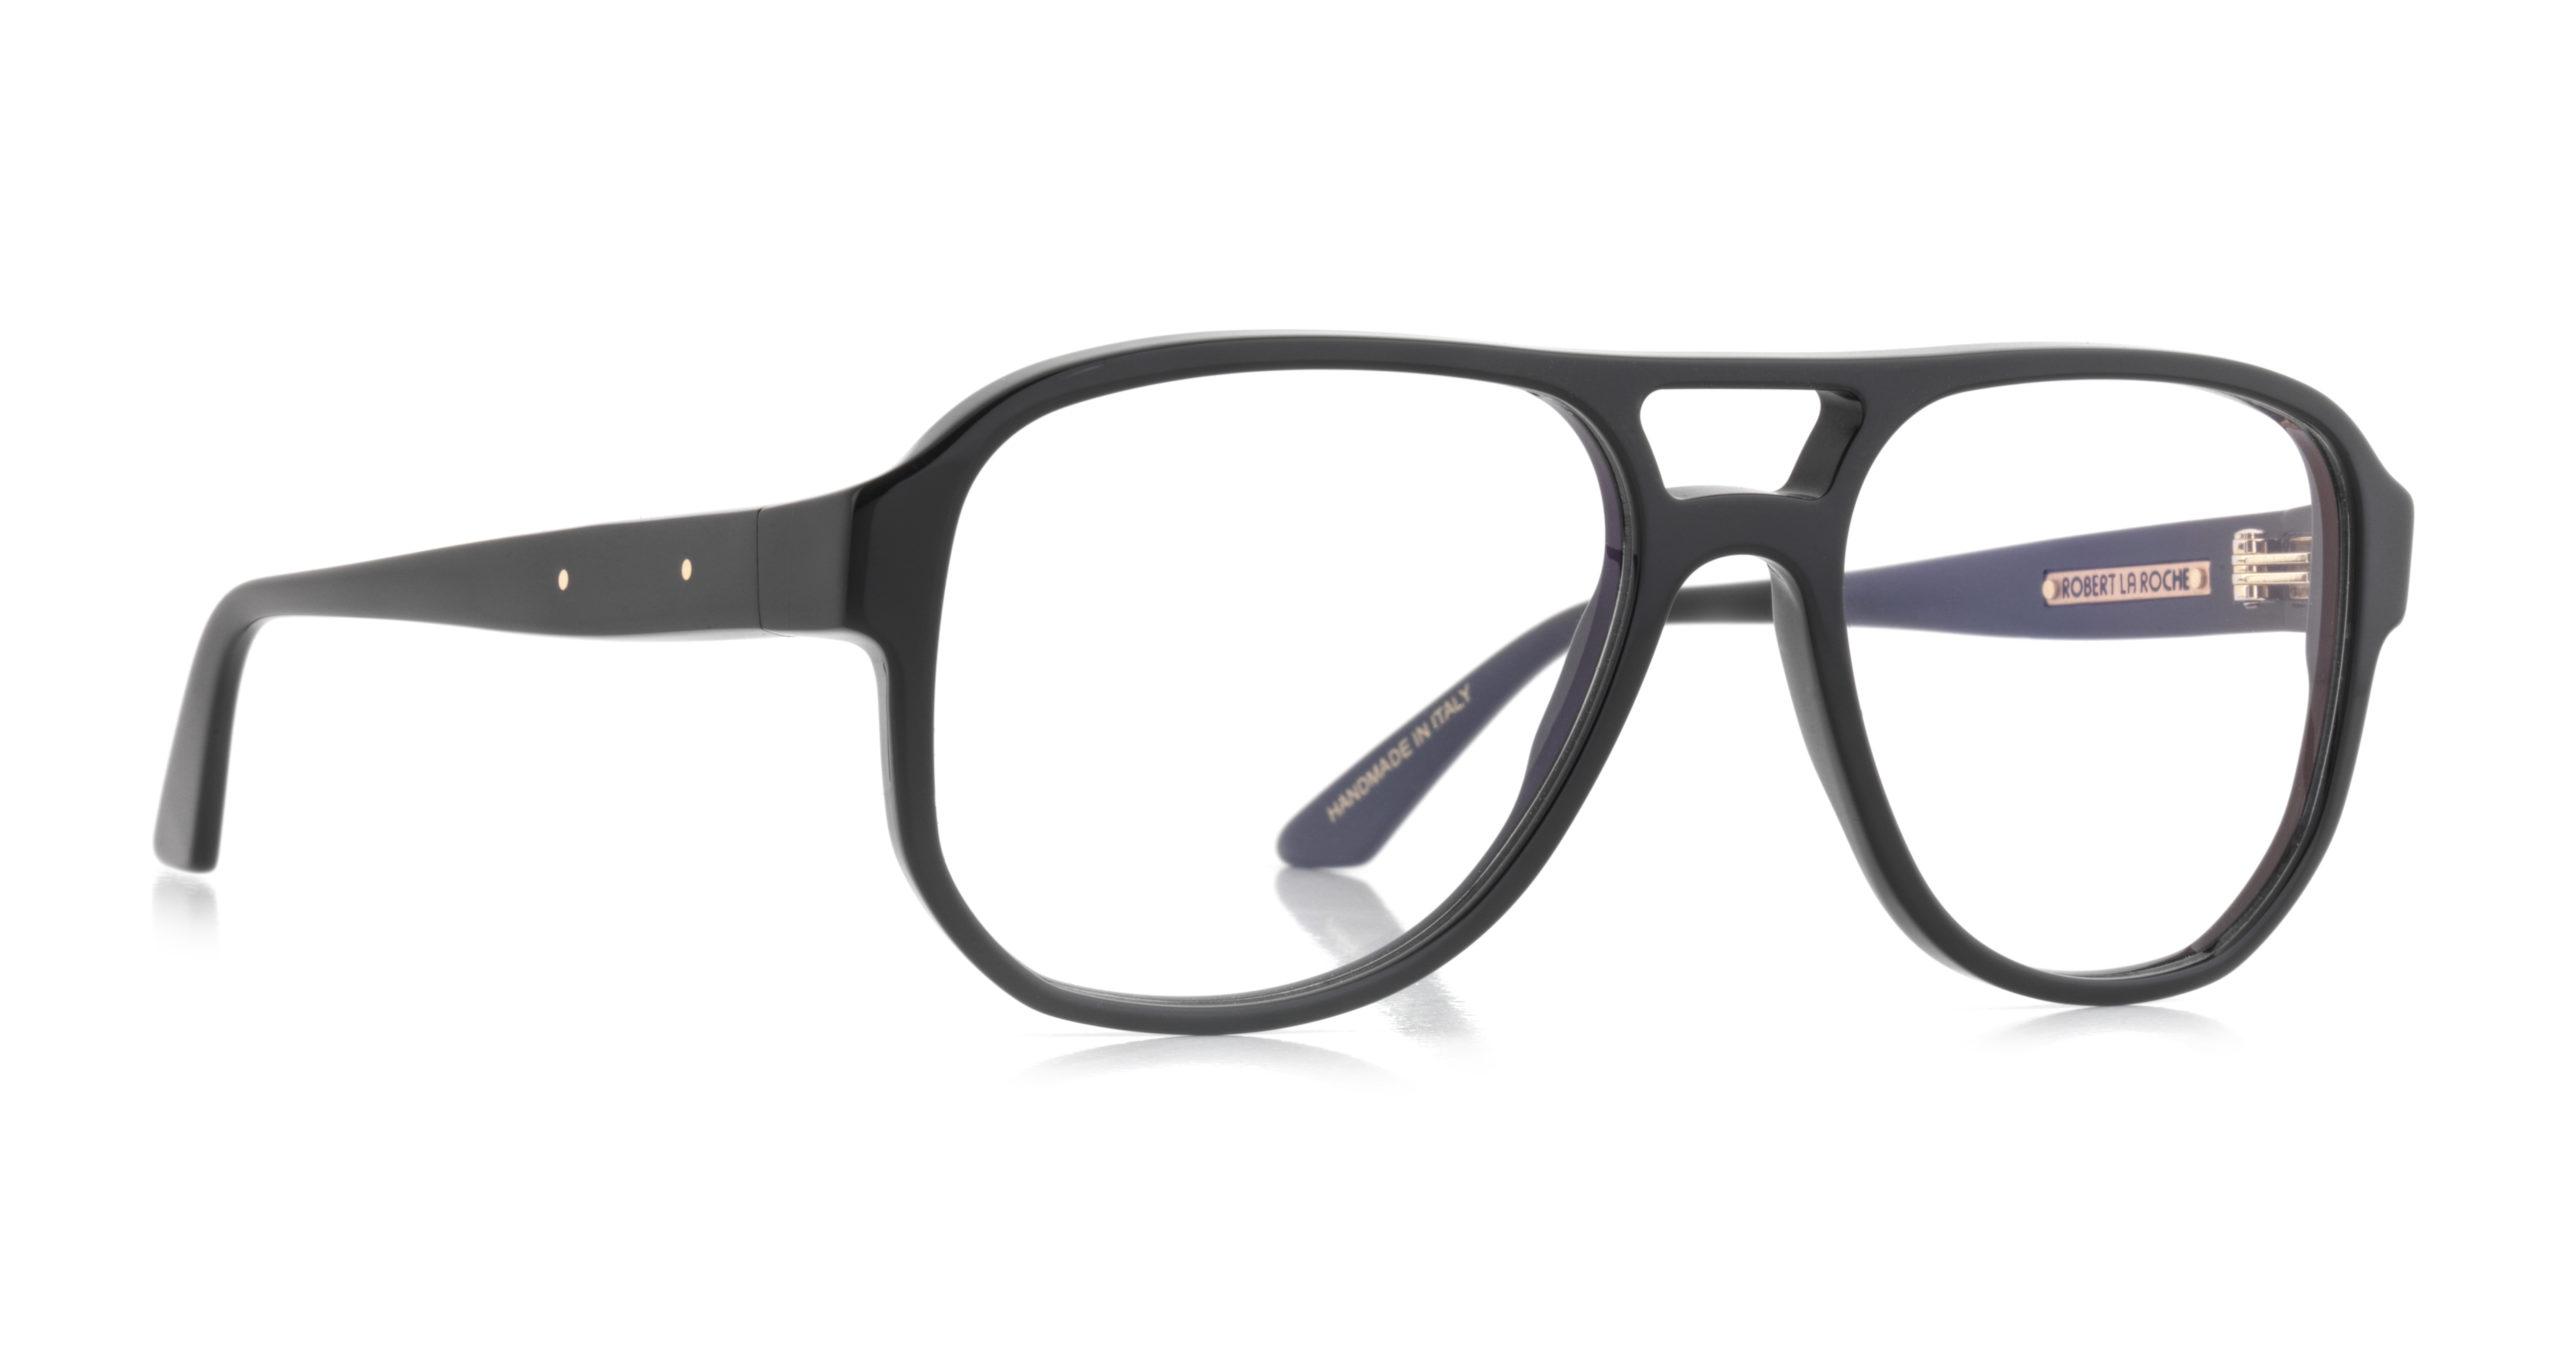 Robert La Roche - Optical Karl RLR1048 01 Side scaled